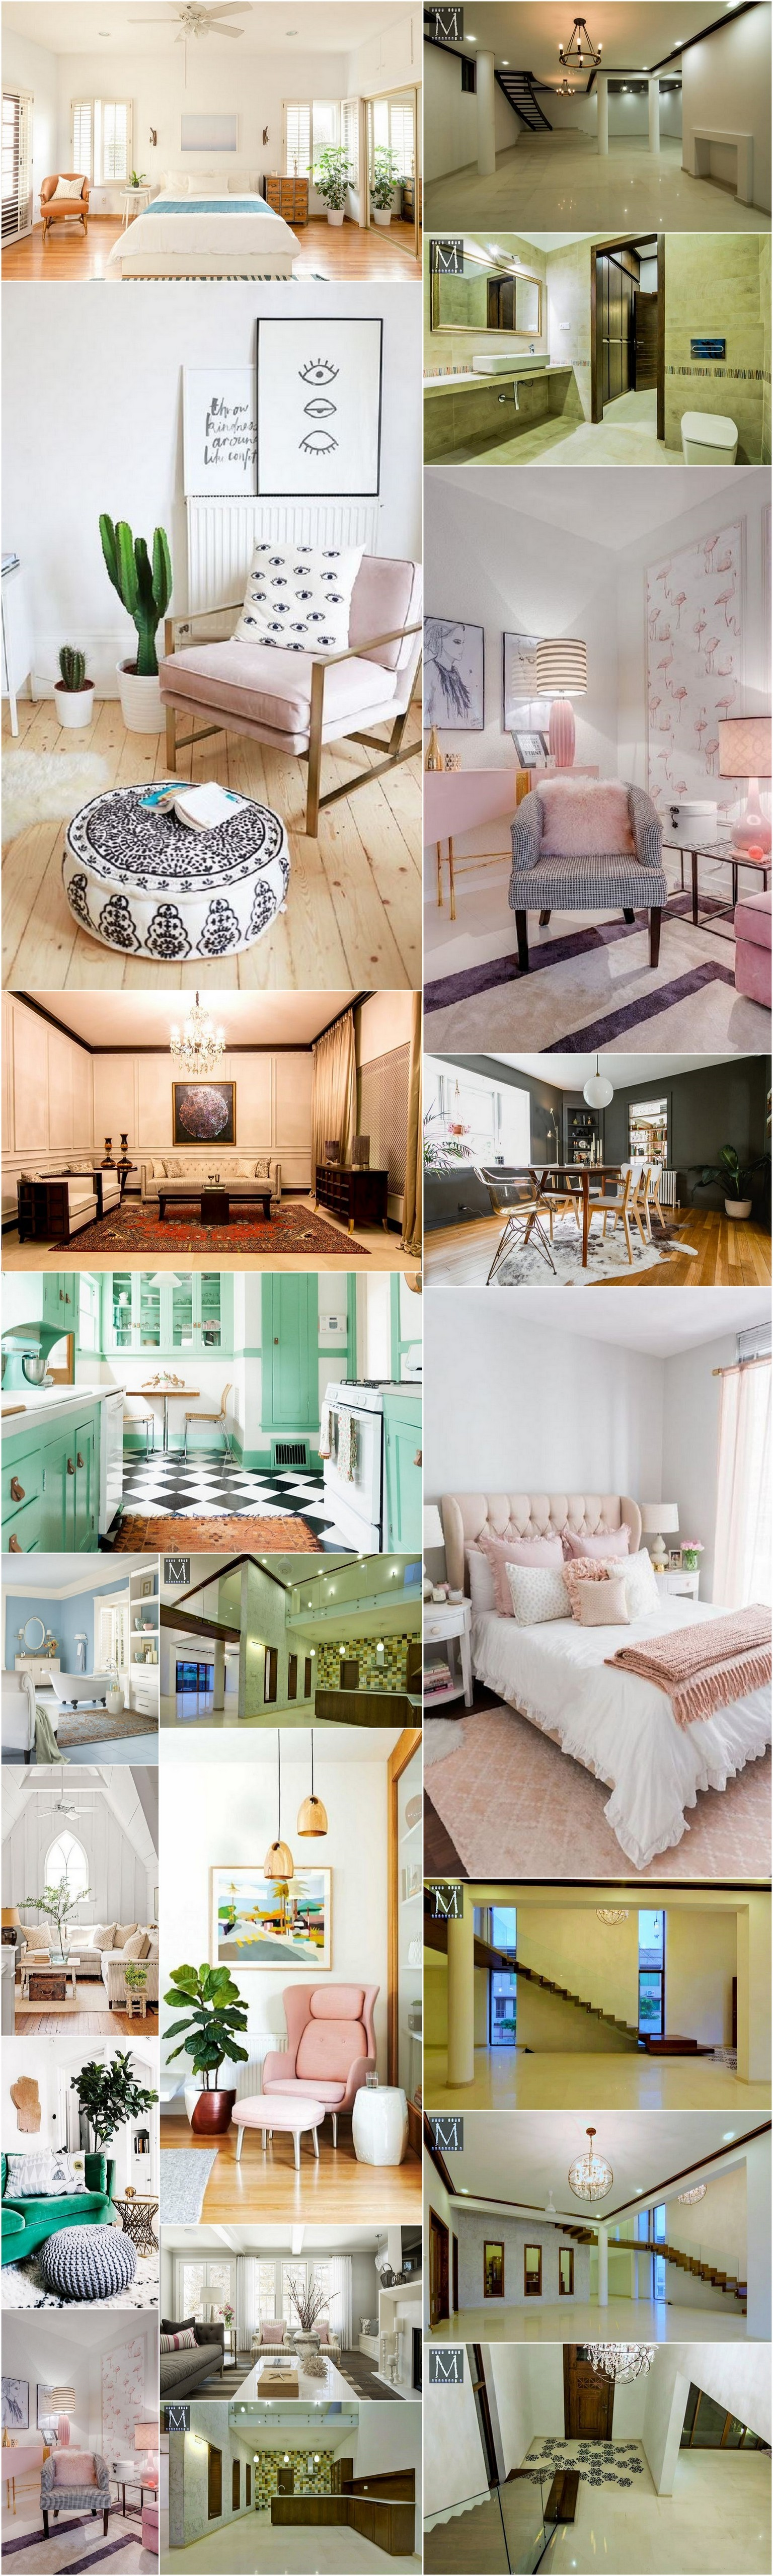 Inspiring ideas for home interior design decoration for Internal home decoration